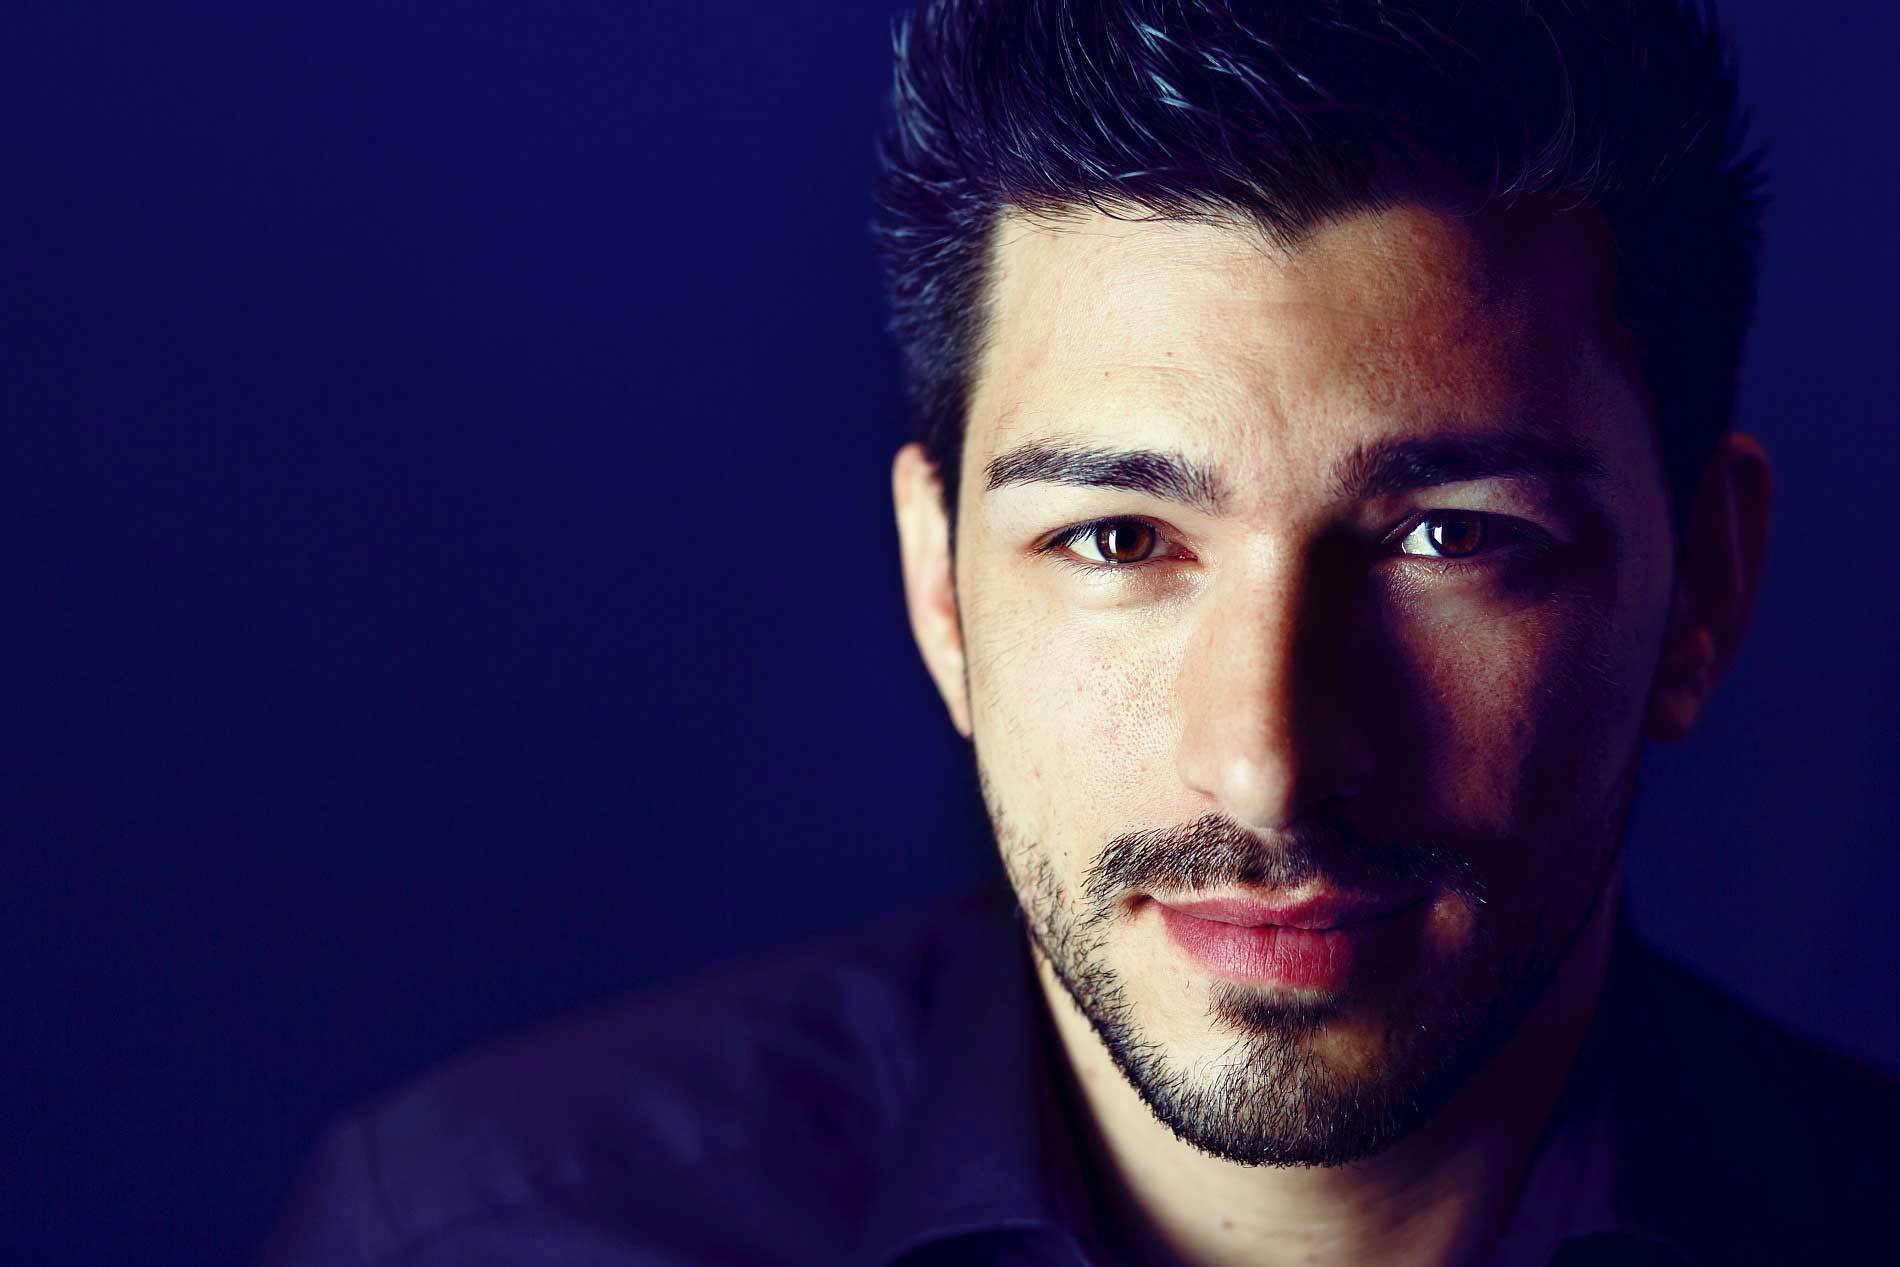 Portrait | Musician